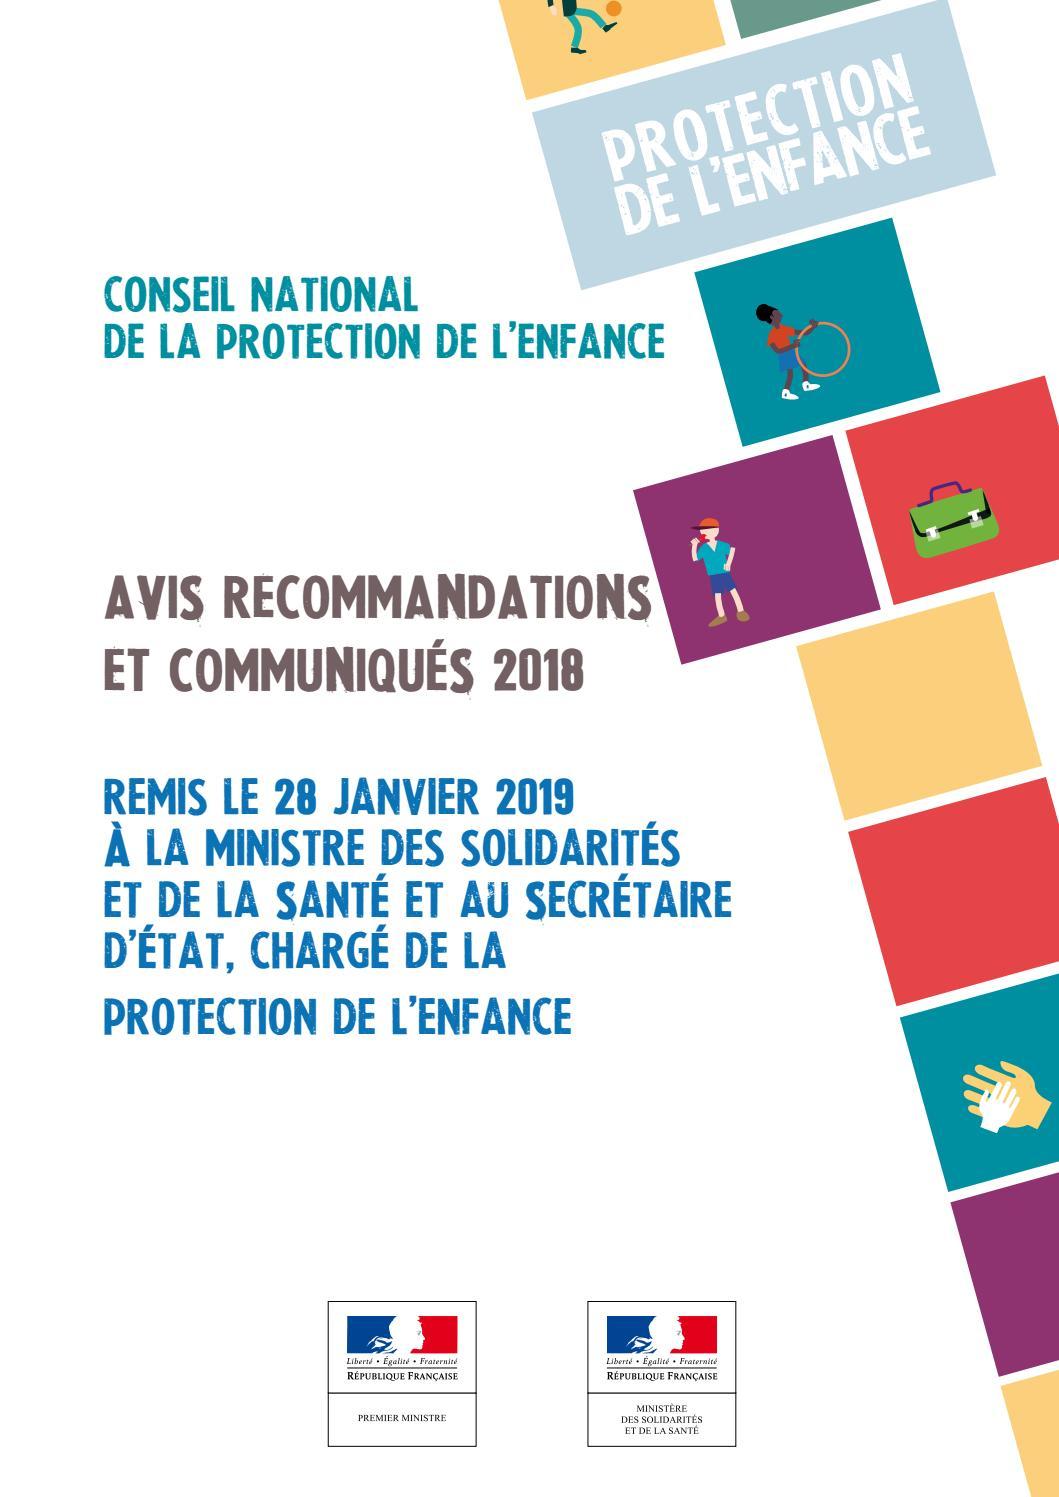 Cnpe Avis Recommandations Et Communiques 2018 By Ministeres